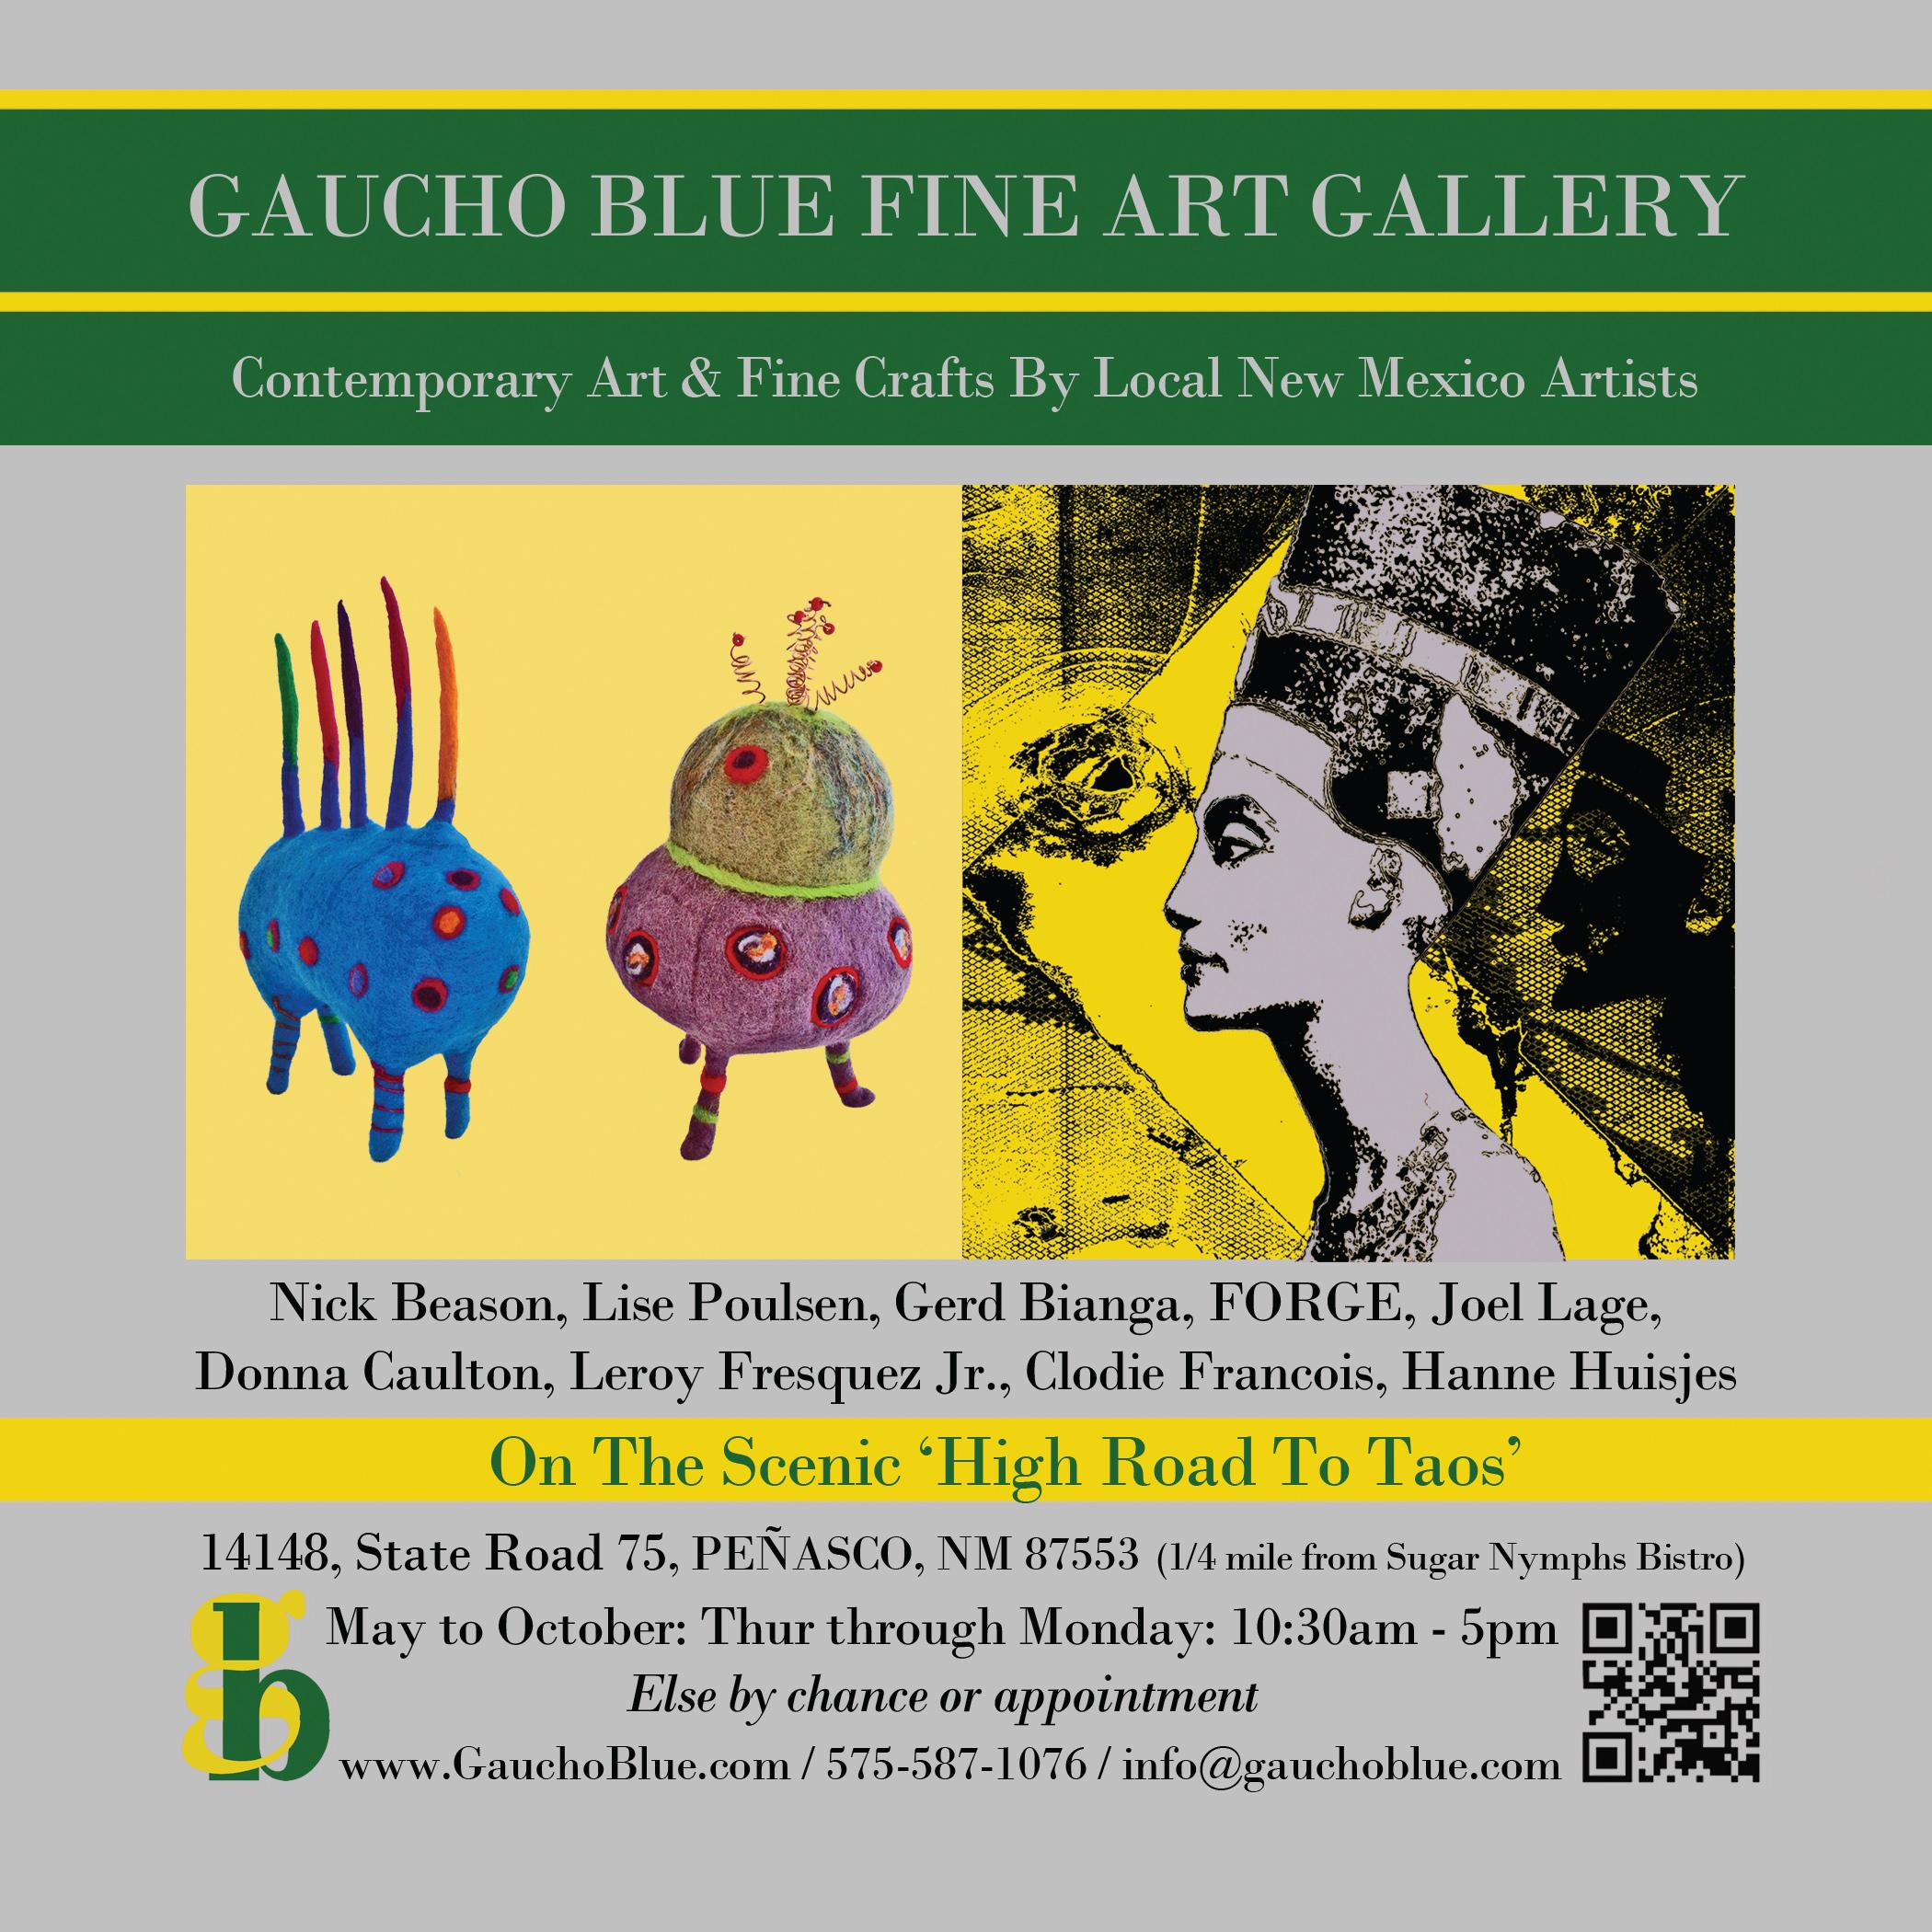 GauchoBlue Full Page Ad.jpg